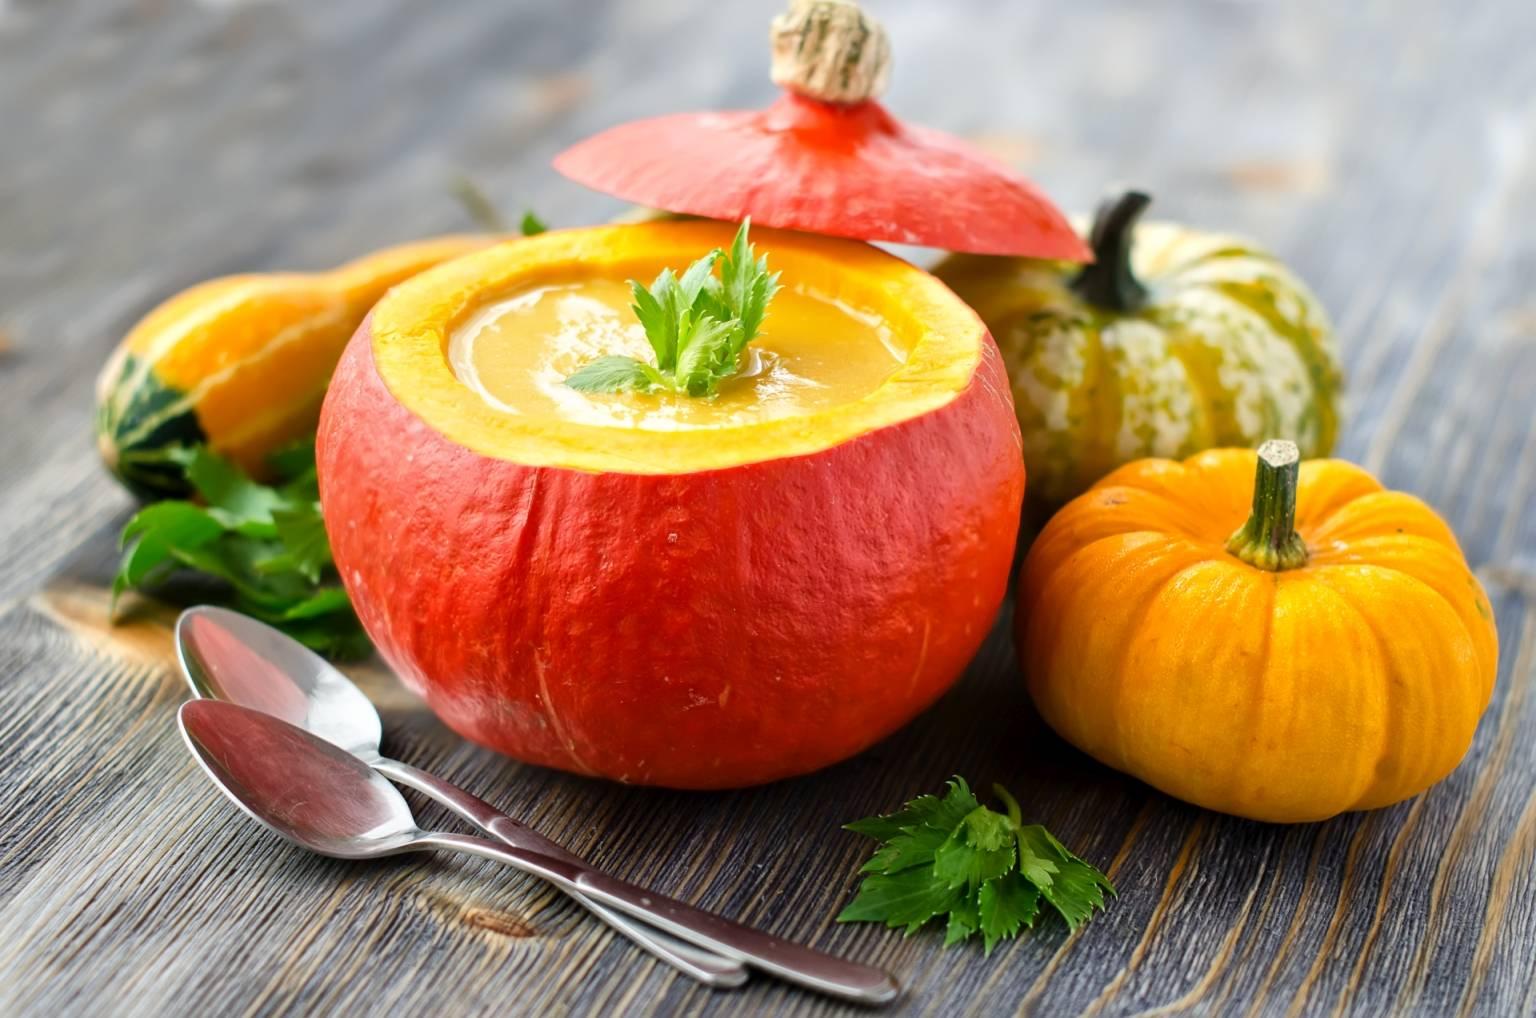 Zupa dyniowa - przepis na dobry krem z dyni. Zupa podana w wydrążonej okrągłej dyni, obok leżą łyżki i inne odmiany dyni.